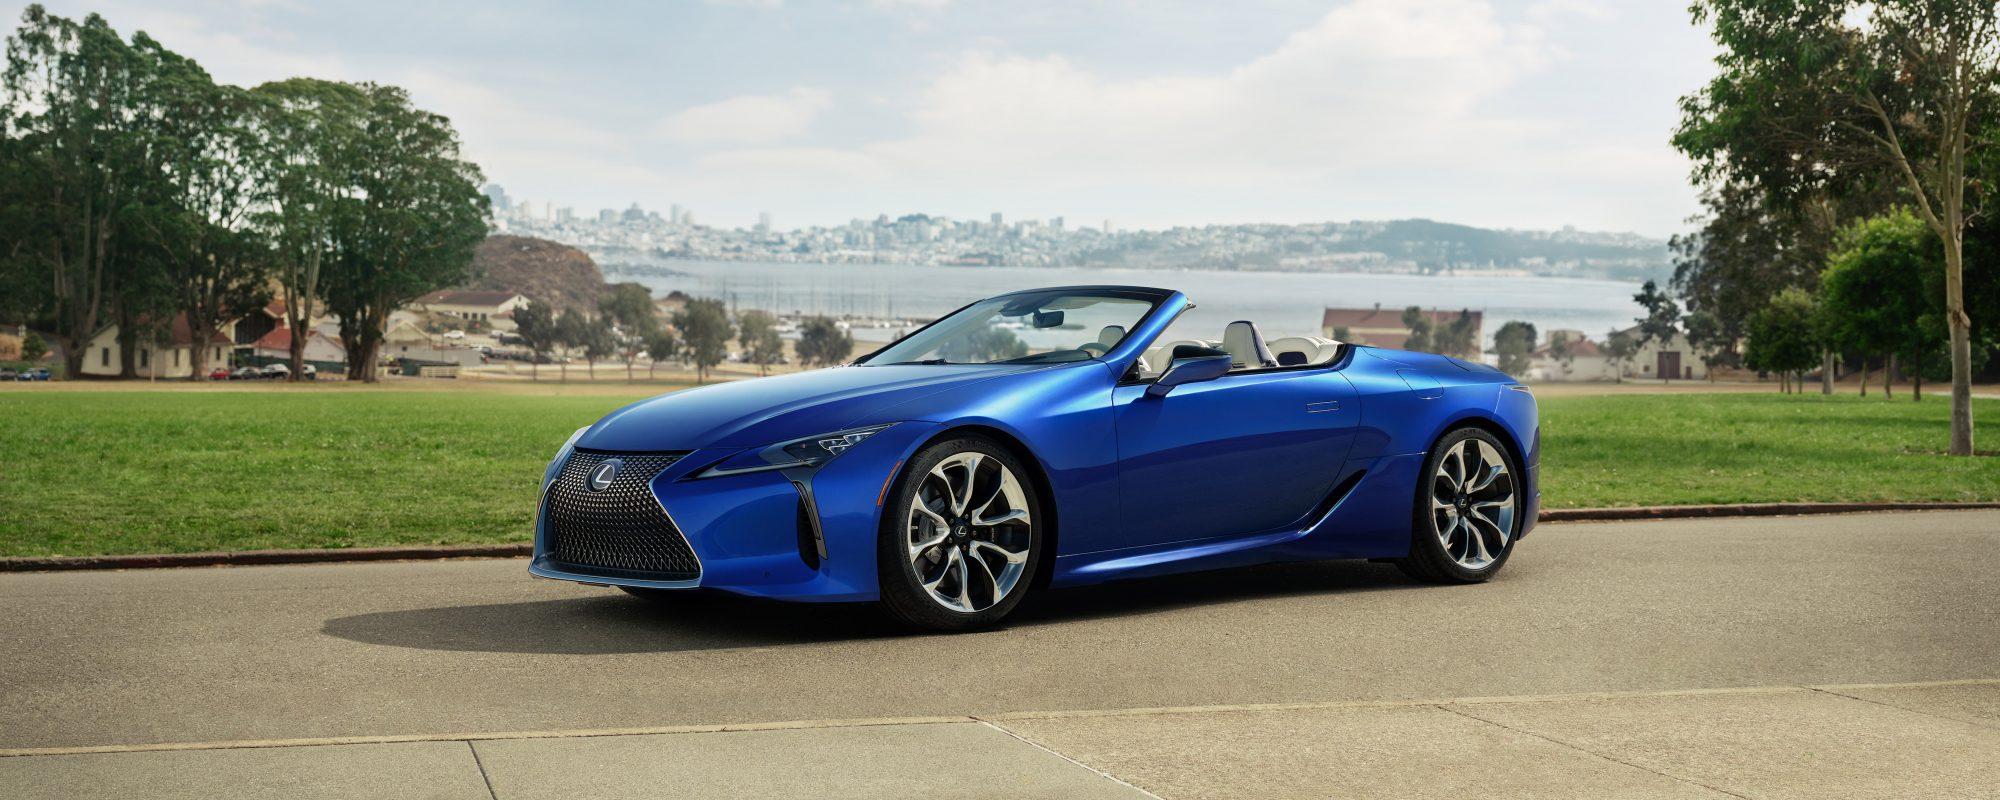 Open voor rijplezier: nieuwe Lexus LC 500 Convertible